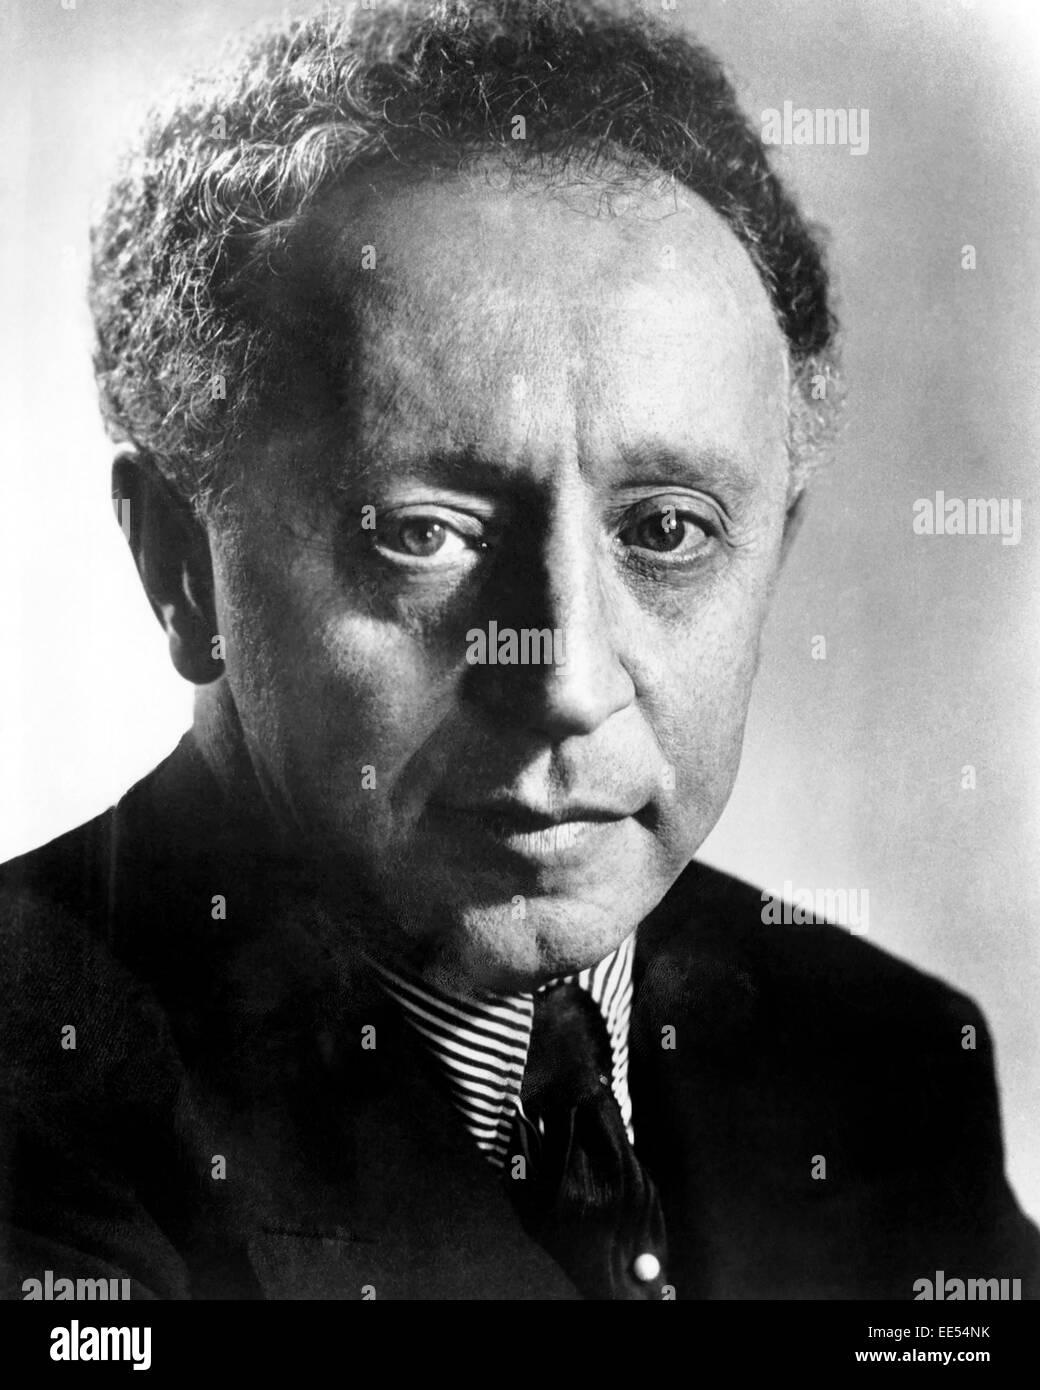 """Artur Rubinstein, Werbung Portrait für den Dokumentarfilm, Film, """"der Männer und Musik"""", 1951 Stockbild"""